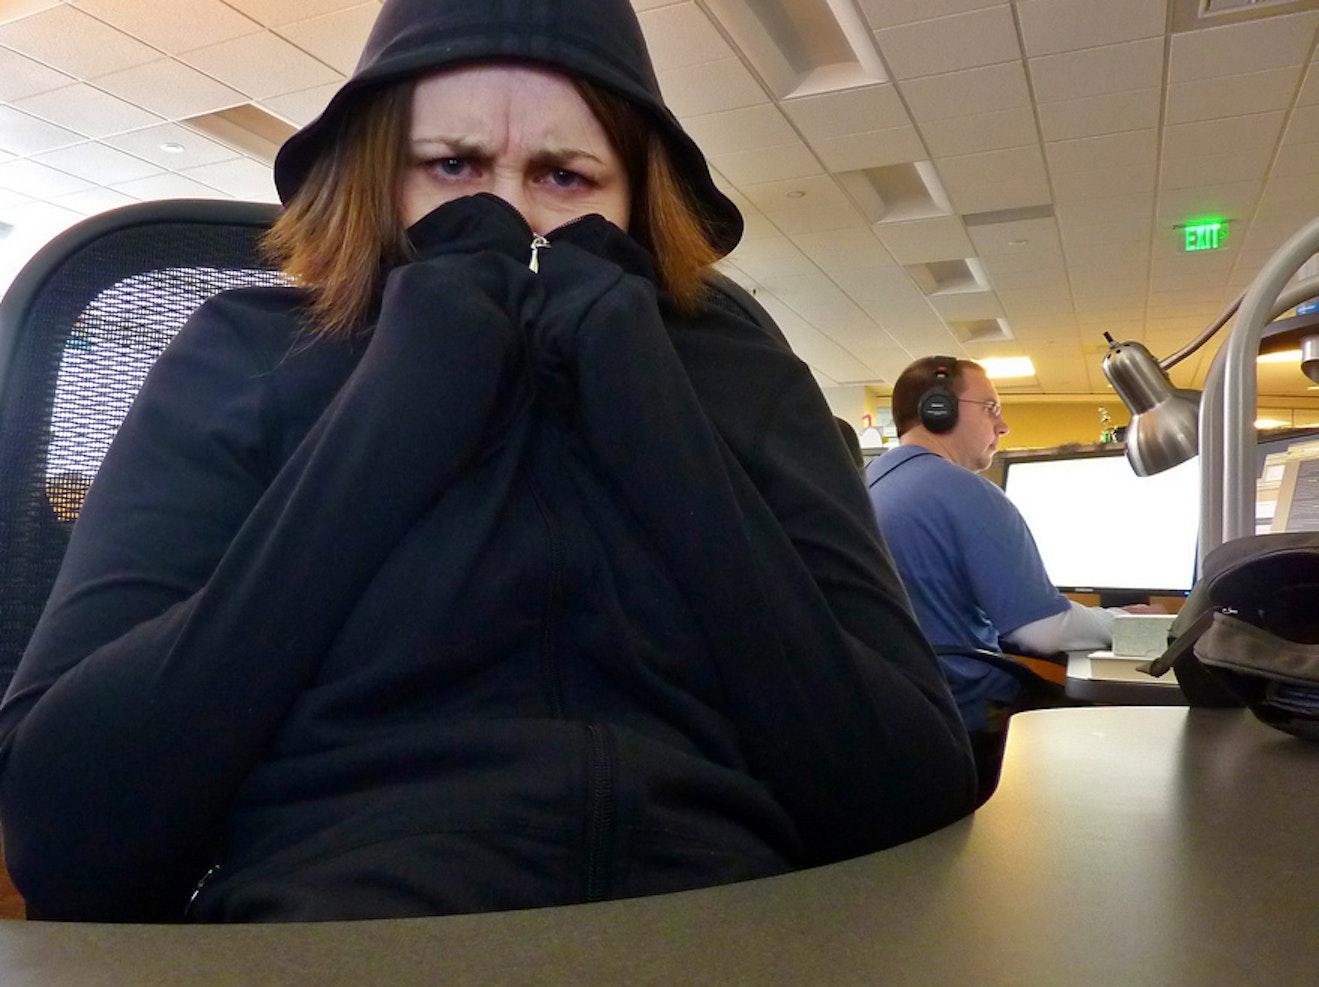 Freezing Offices A Relic Of 39 Mad Men 39 Era Attitudes Toward